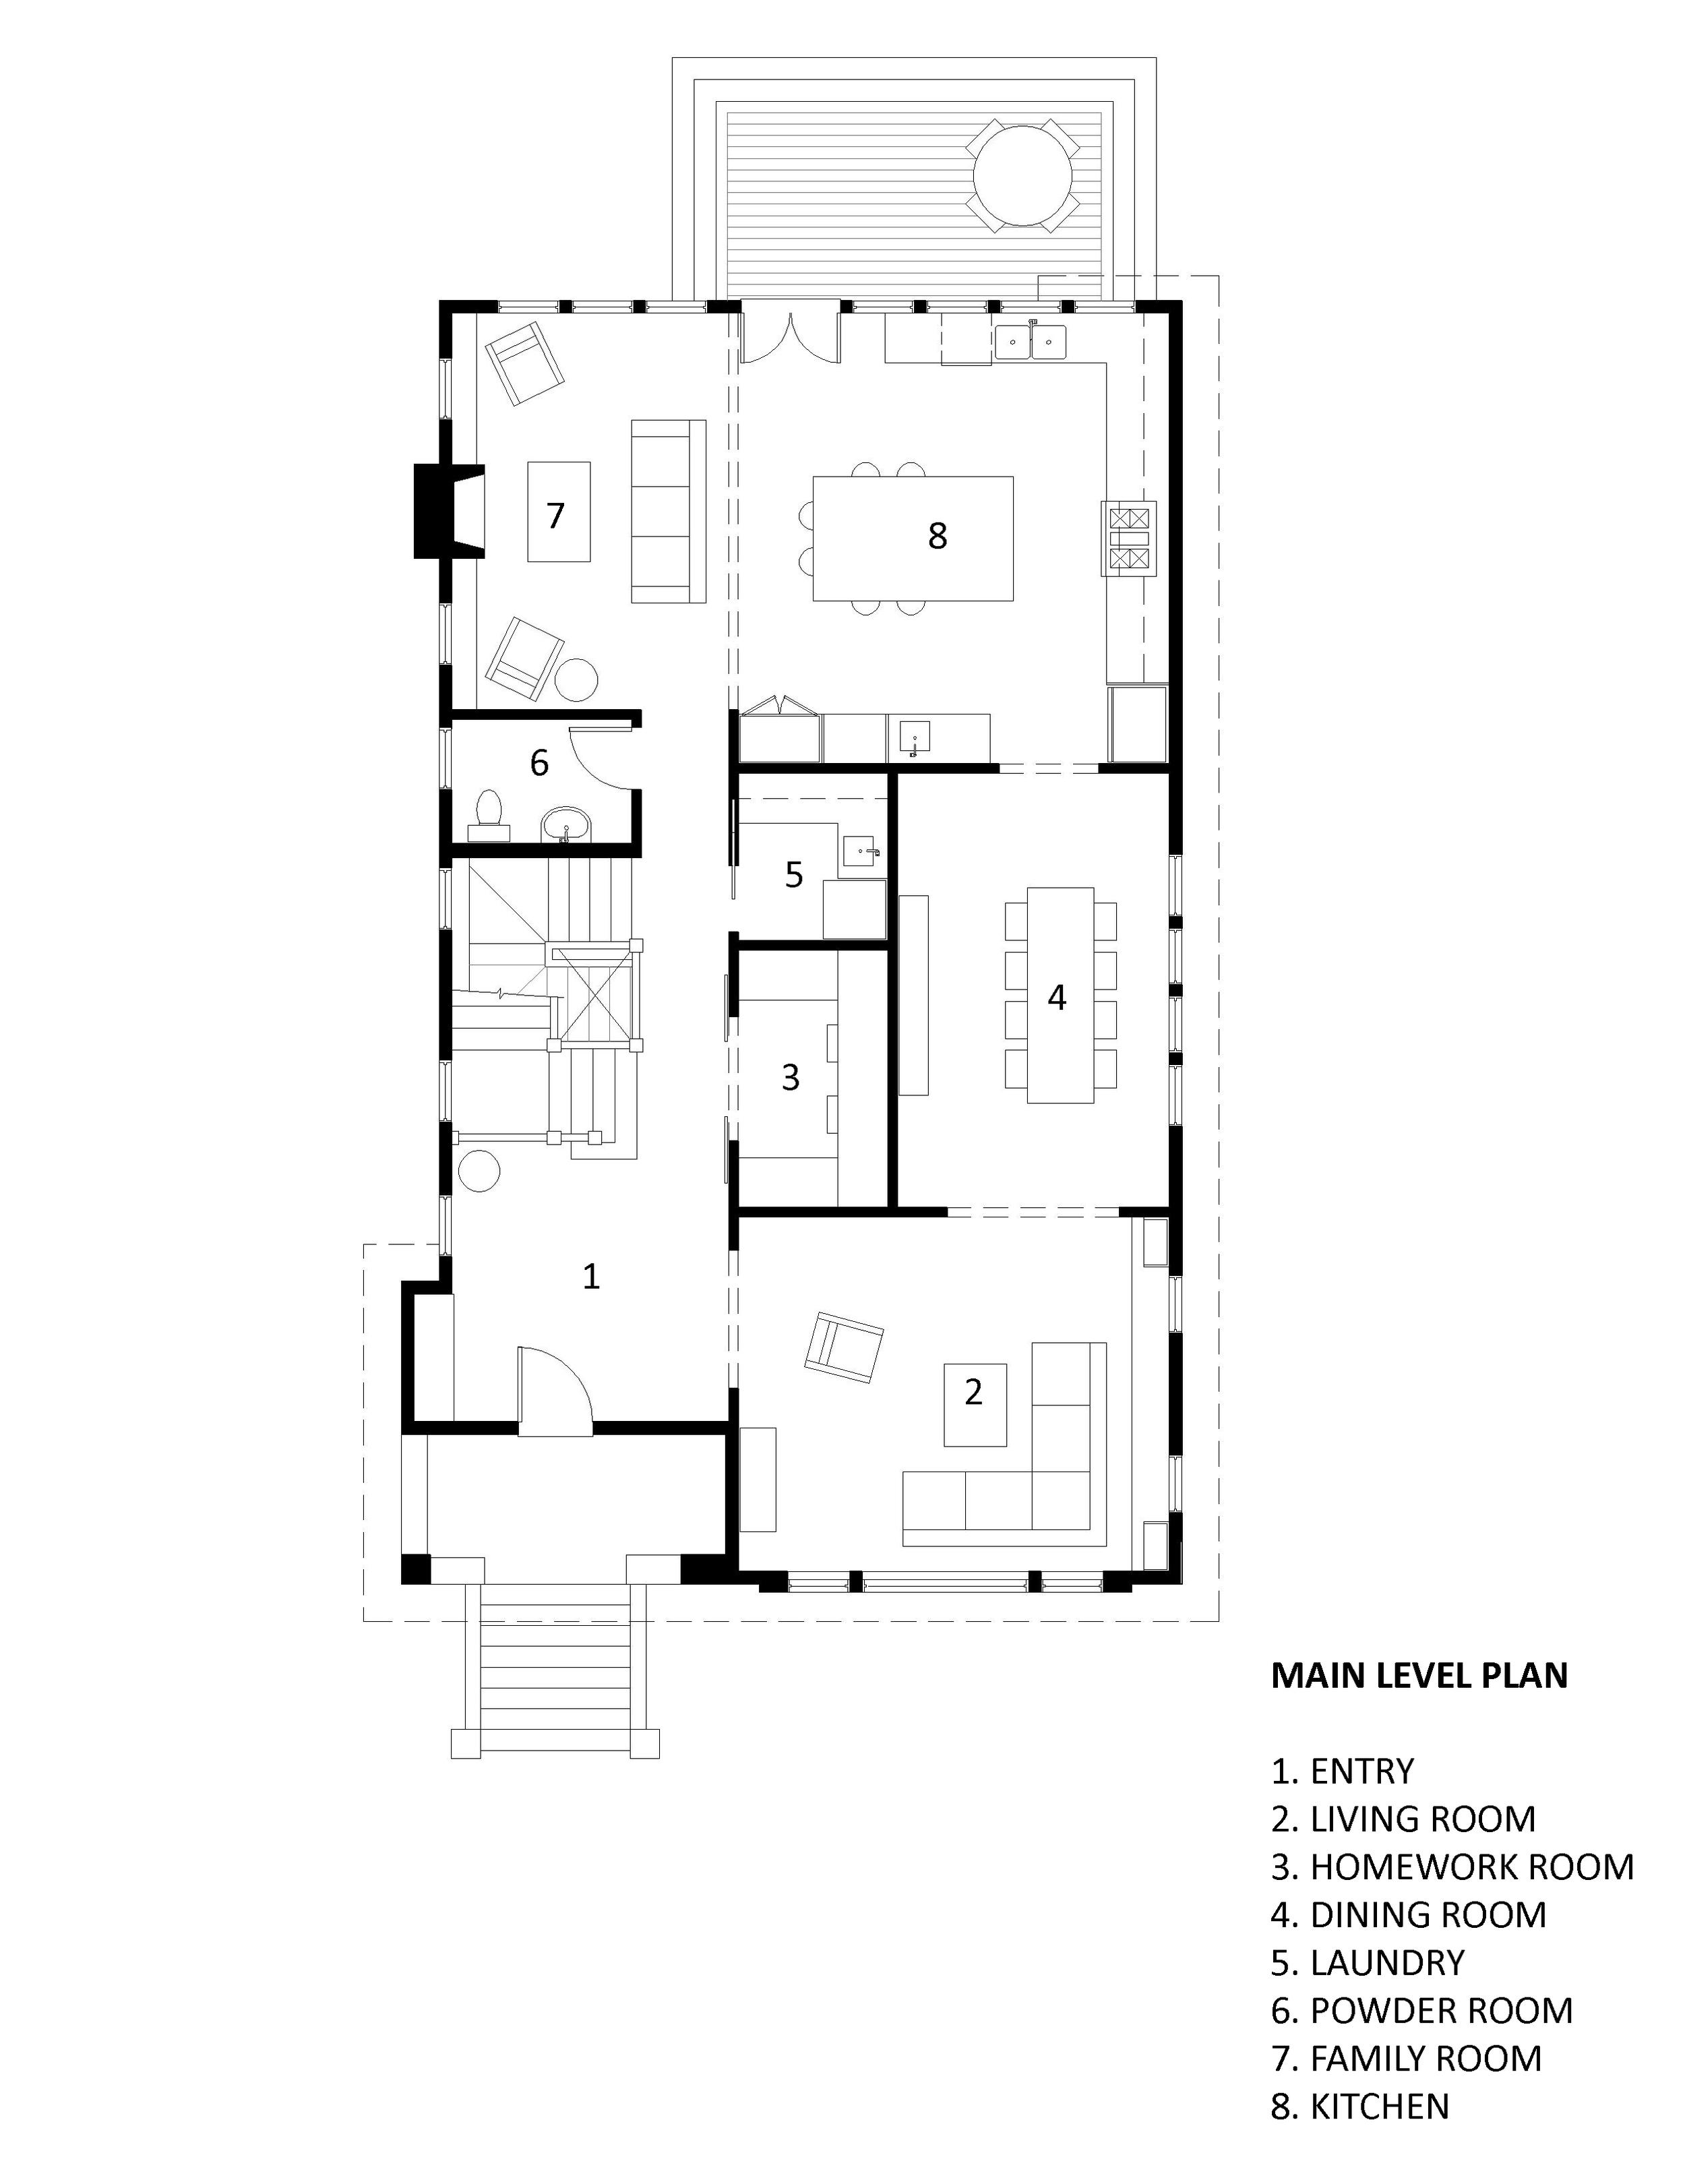 main level plan for web.jpg